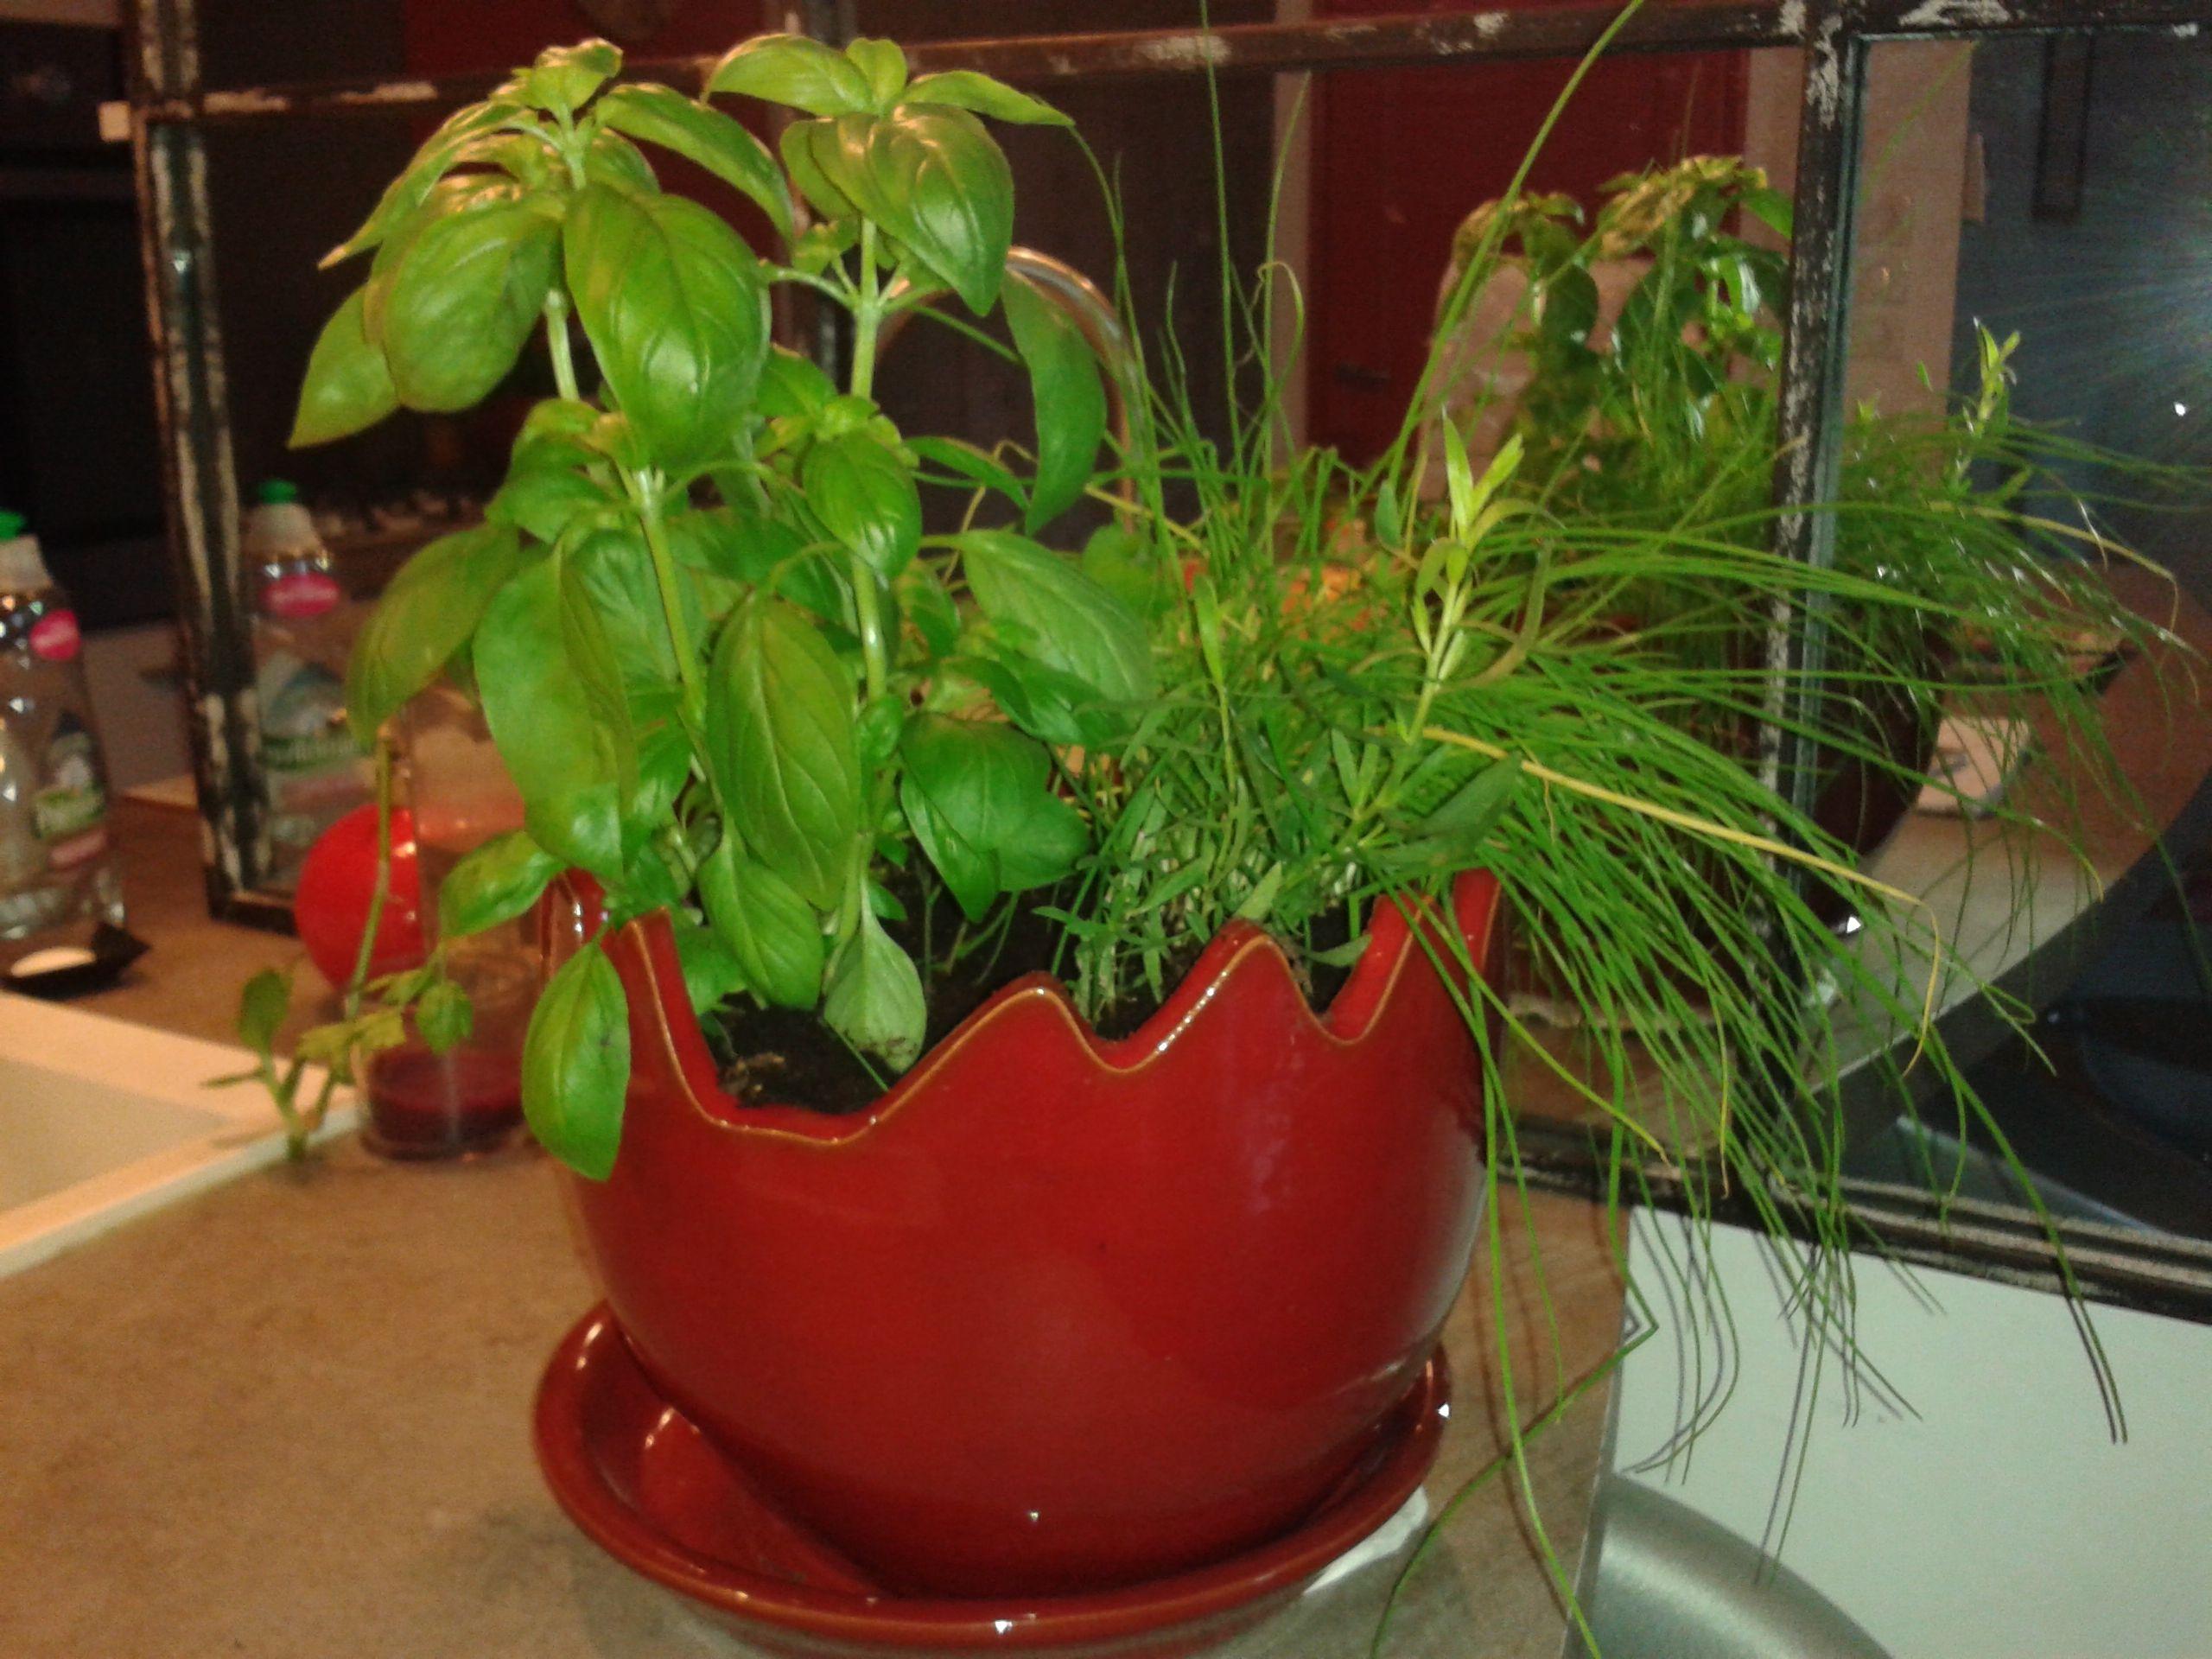 Bientôt les grillades au goût de Provence, les salades de tomates basilic et mozzarella. Notre cliente Élisabeth a converti son vase Clair de Terre- Caliméro Bois de Santal afin d'accueillir sarriette- persil-ciboulette pour les avoir à porter de mains, sur son plan de travail. Une bonne idée et un très beau rendu.